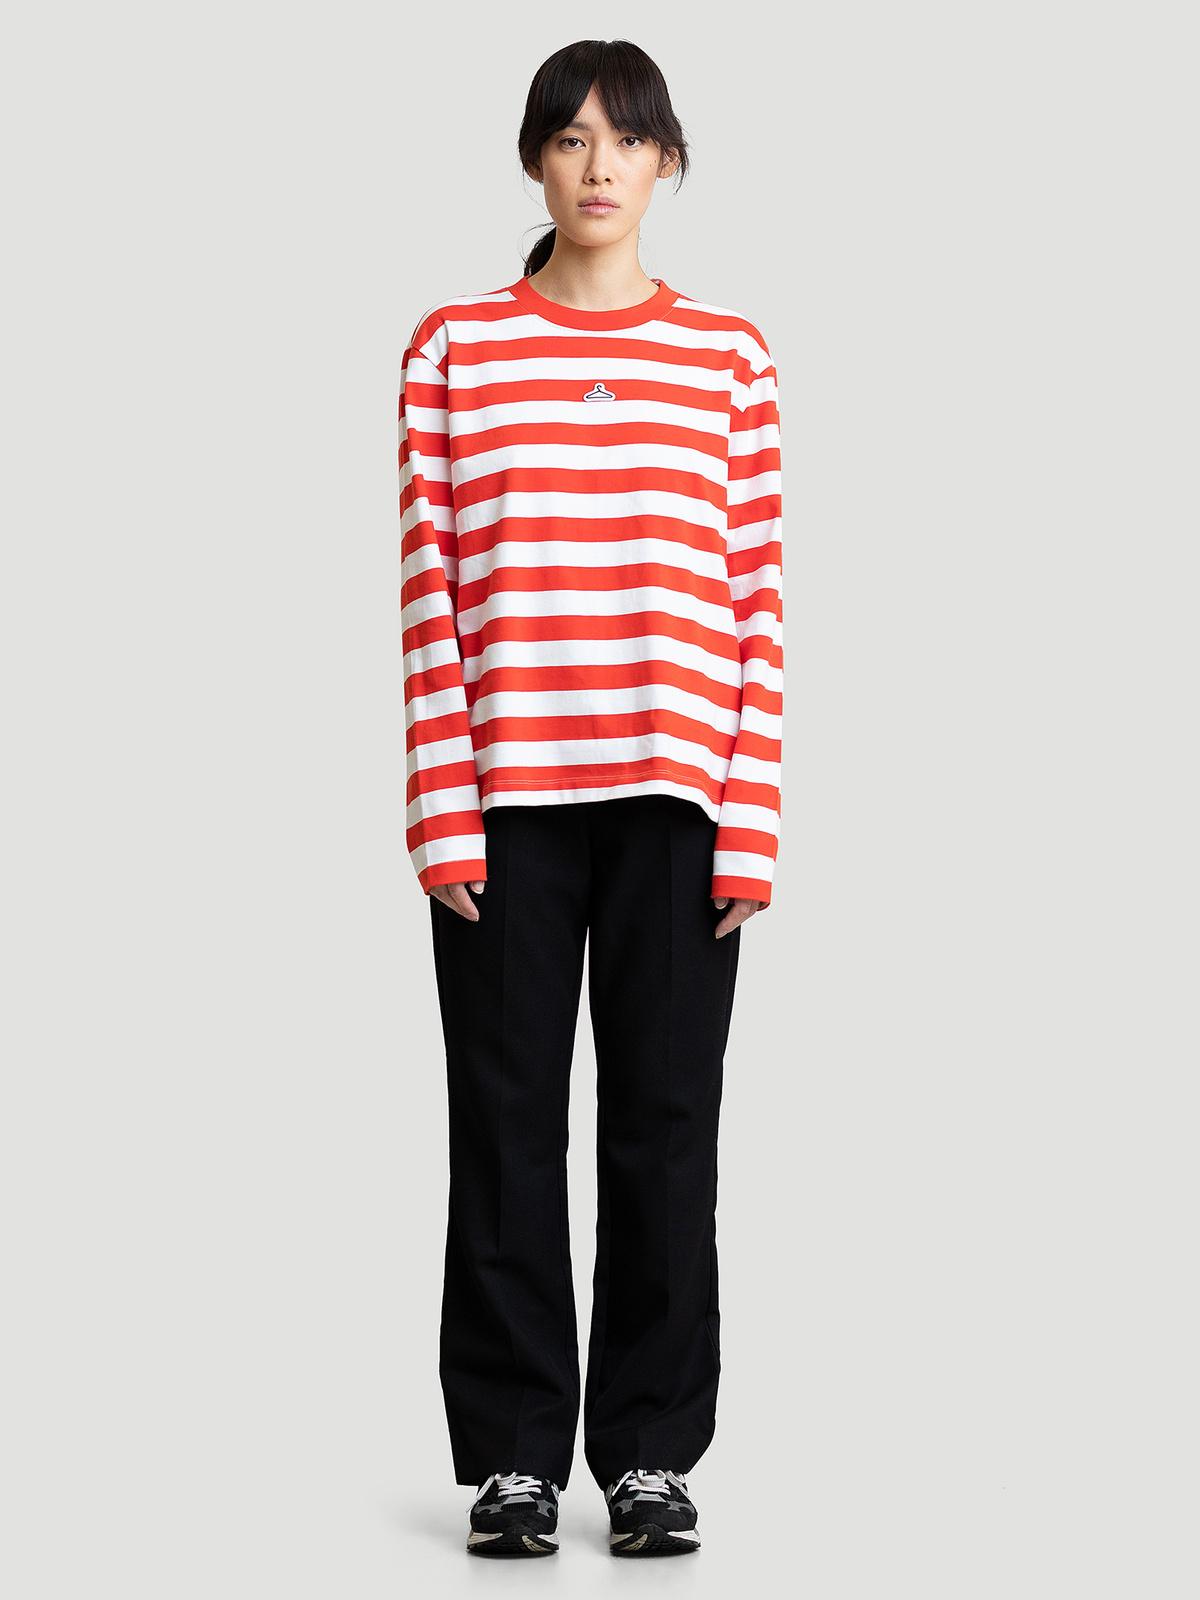 Hanger Striped Longsleeve Red White 8